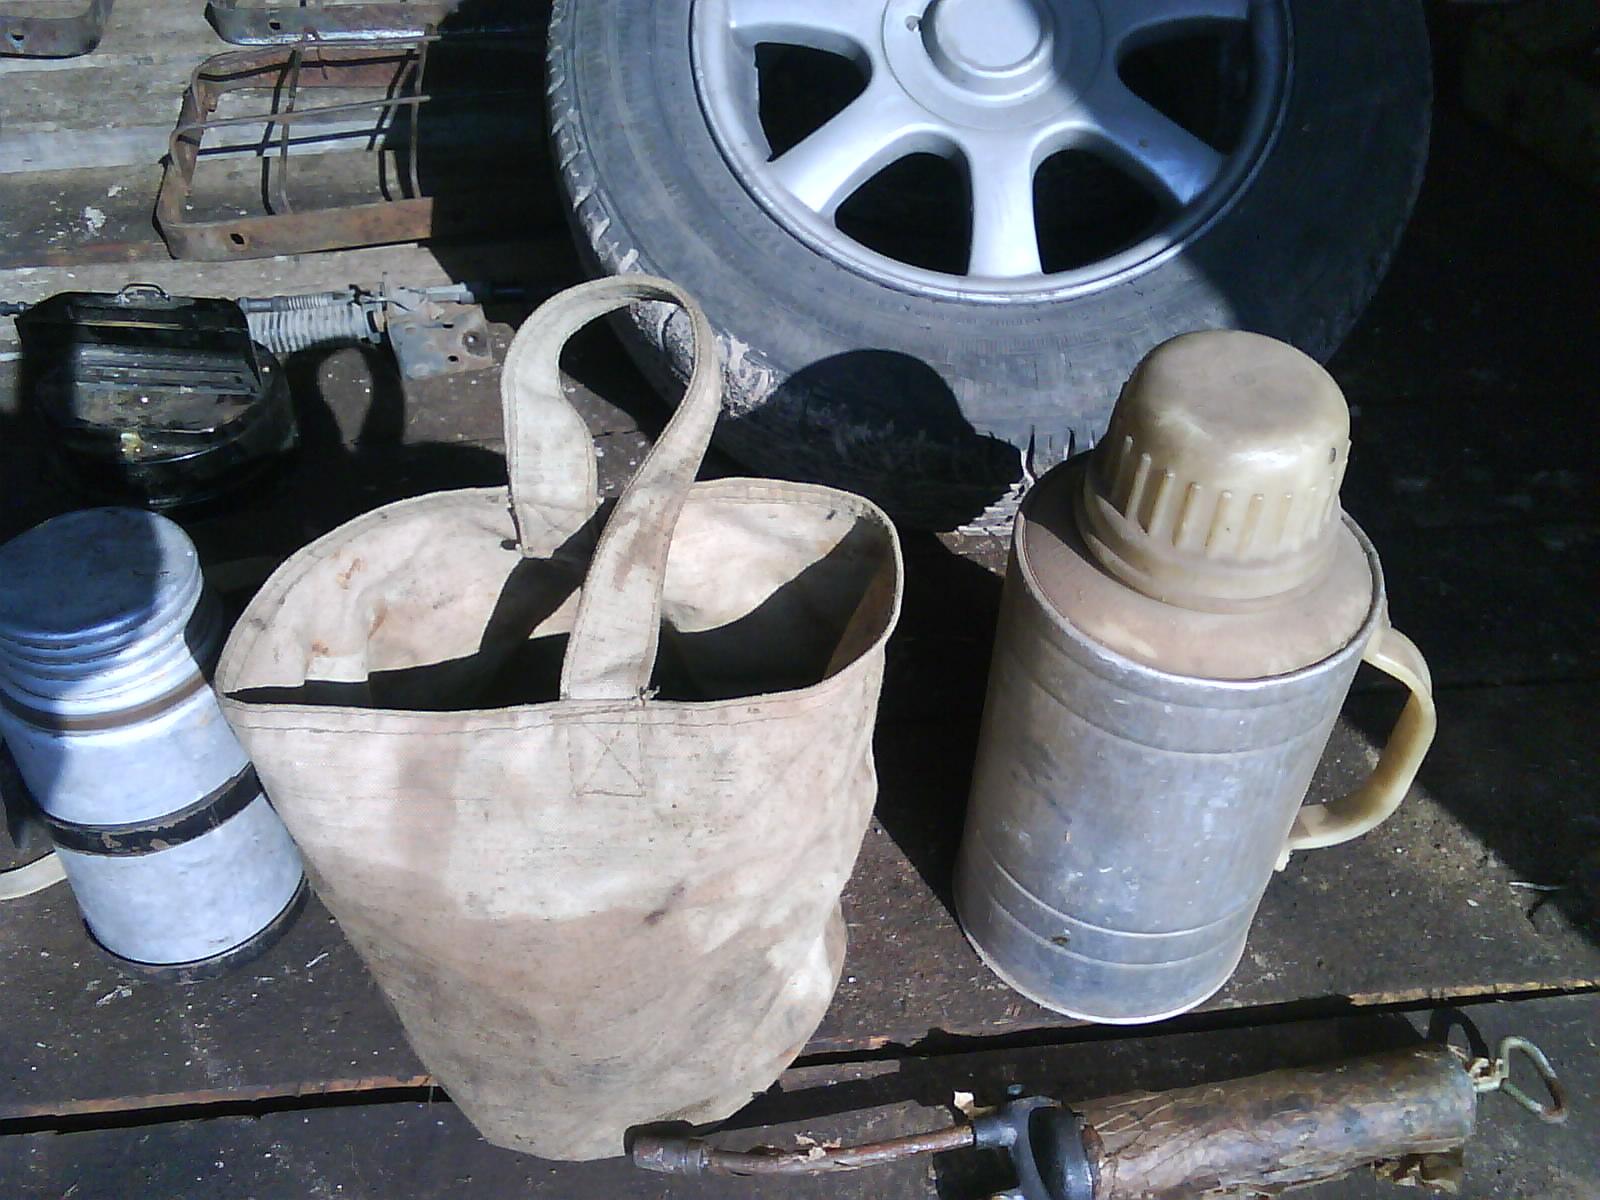 брезентовое ведро и термос для воды